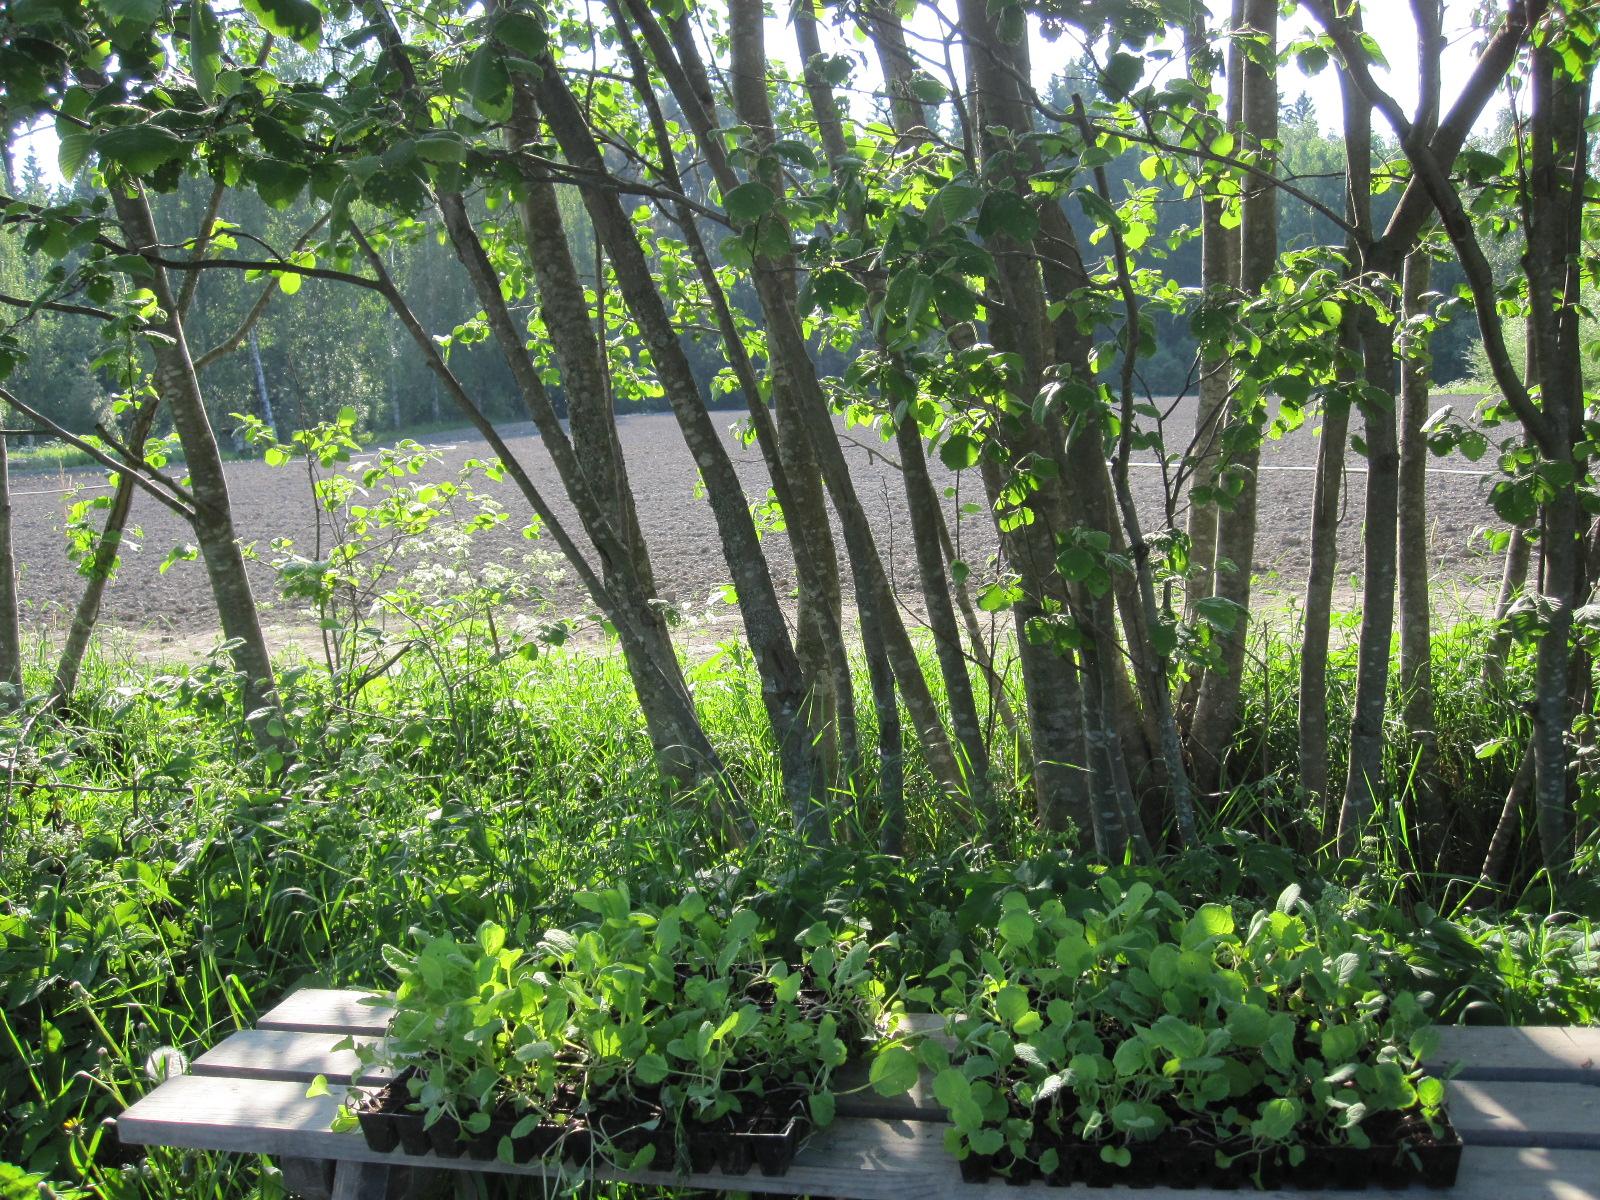 Lantun taimet odottavat murroon istutusta